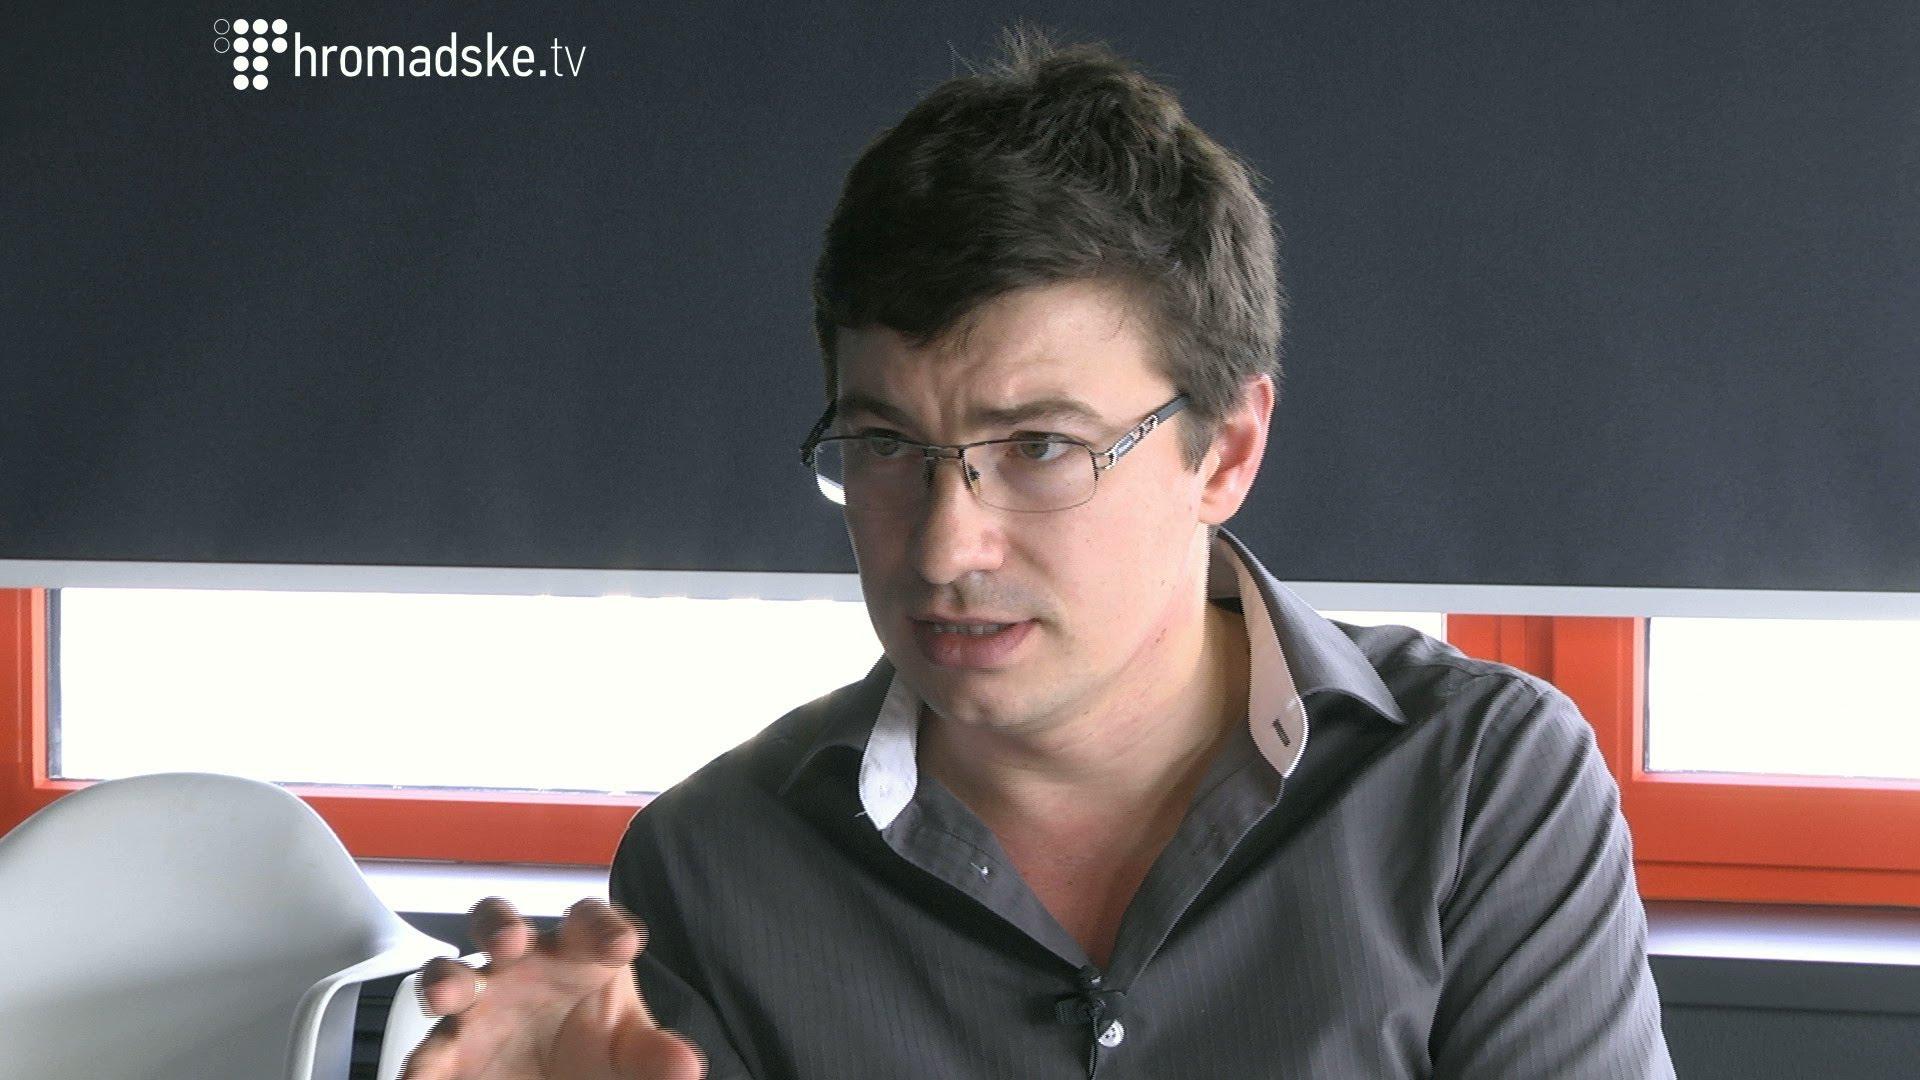 Адмінка редактора: Експертність Сергія Сидоренка